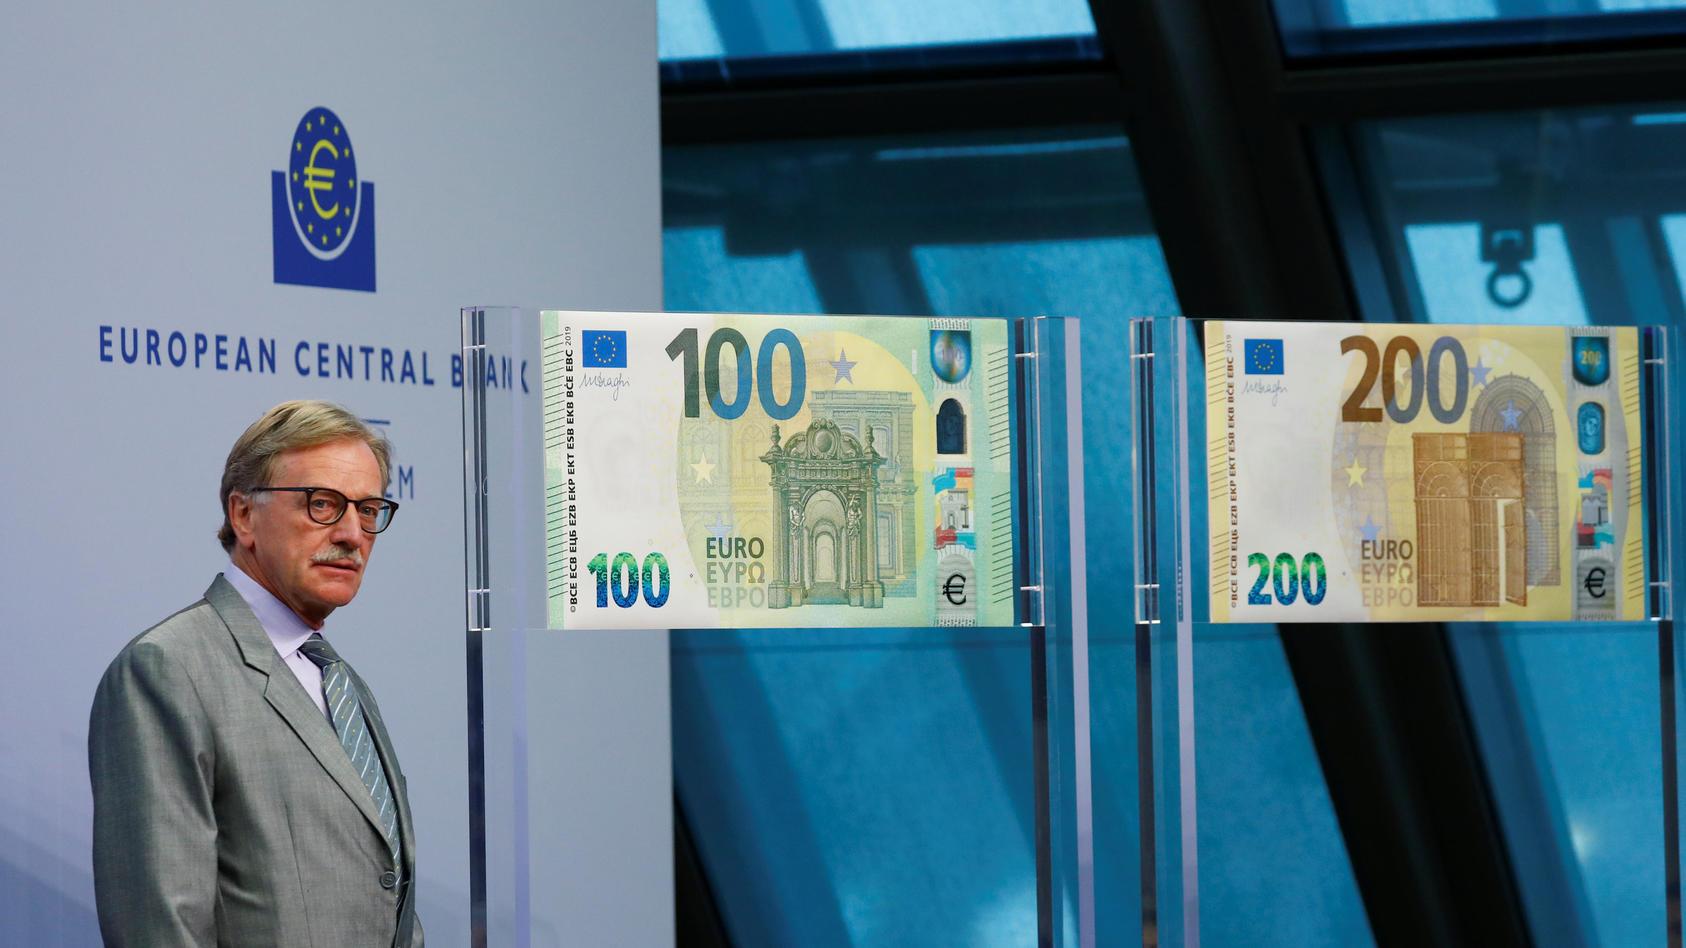 Yves Mersch von der EZB präsentiert in Frankfurt die neuen 100- und 200-Euro-Scheine.